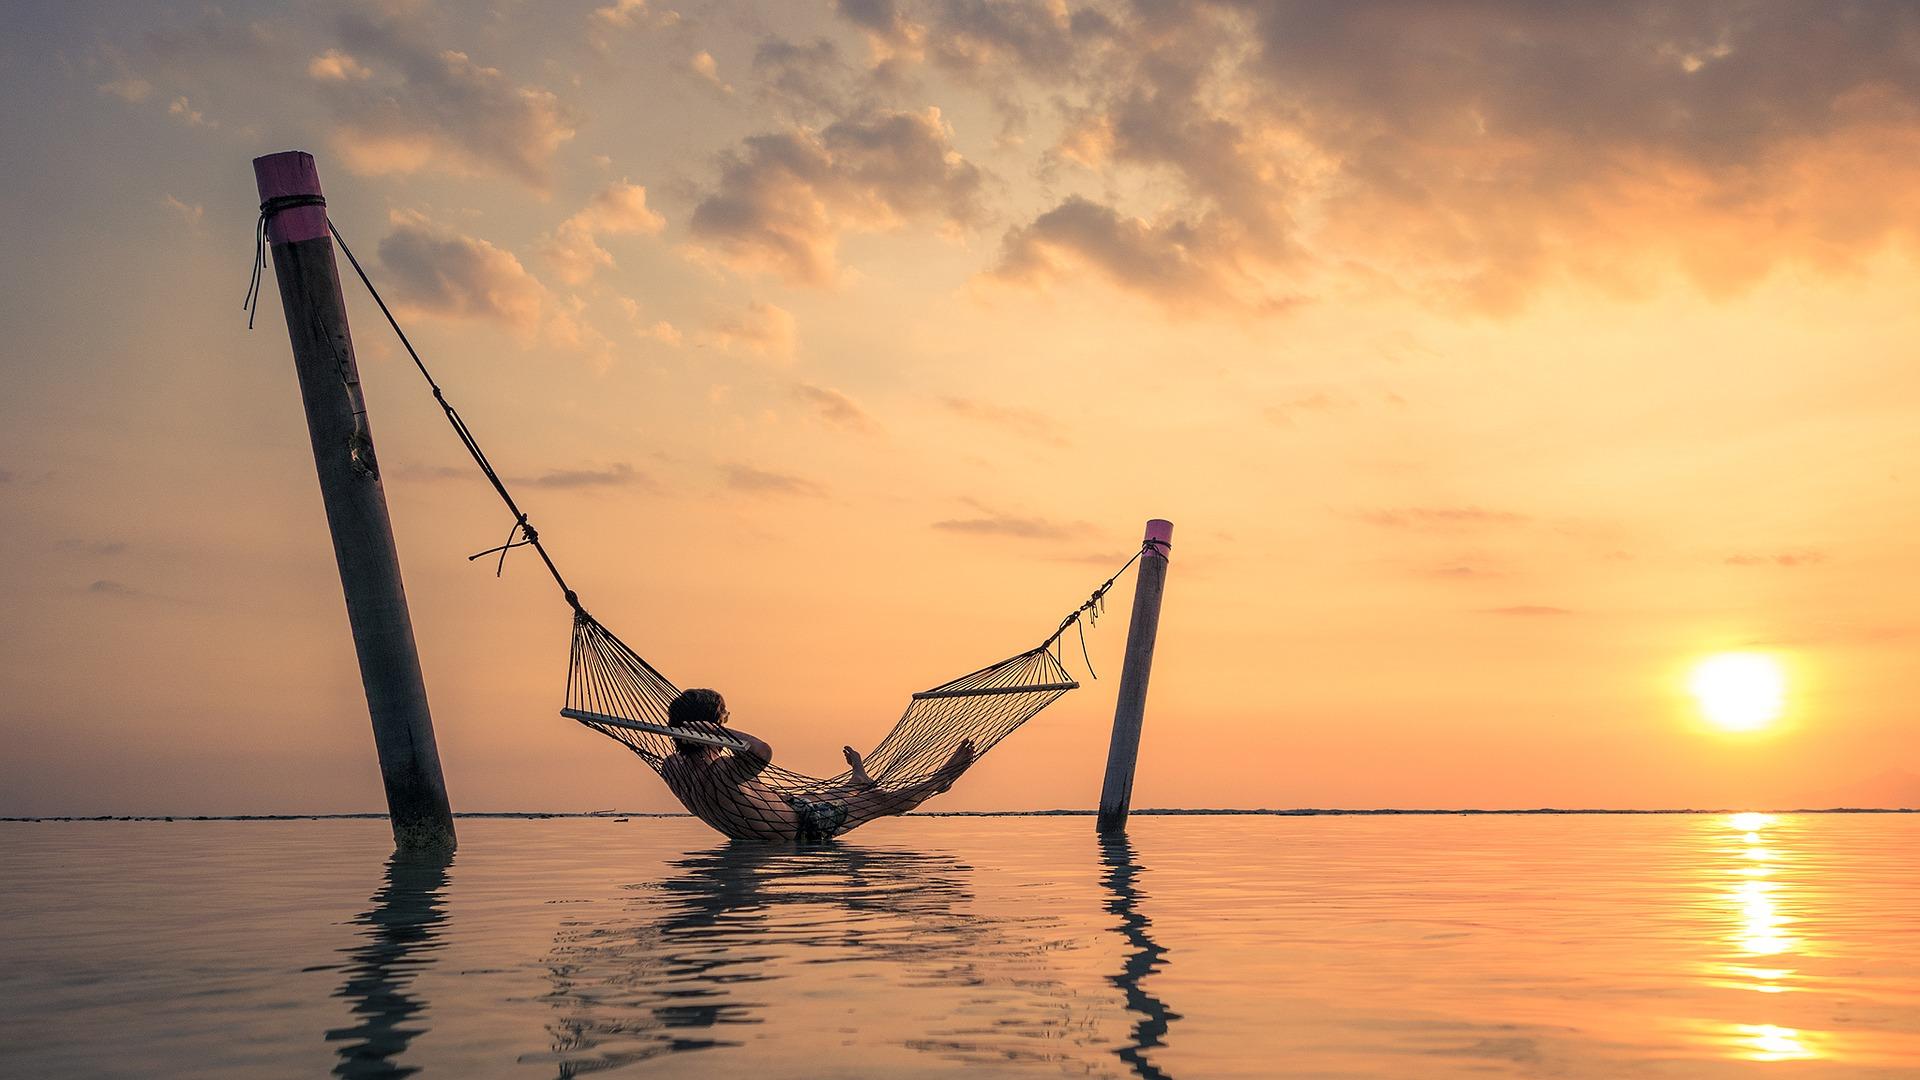 Hängematte im Meer vor einem Sonnenuntergang